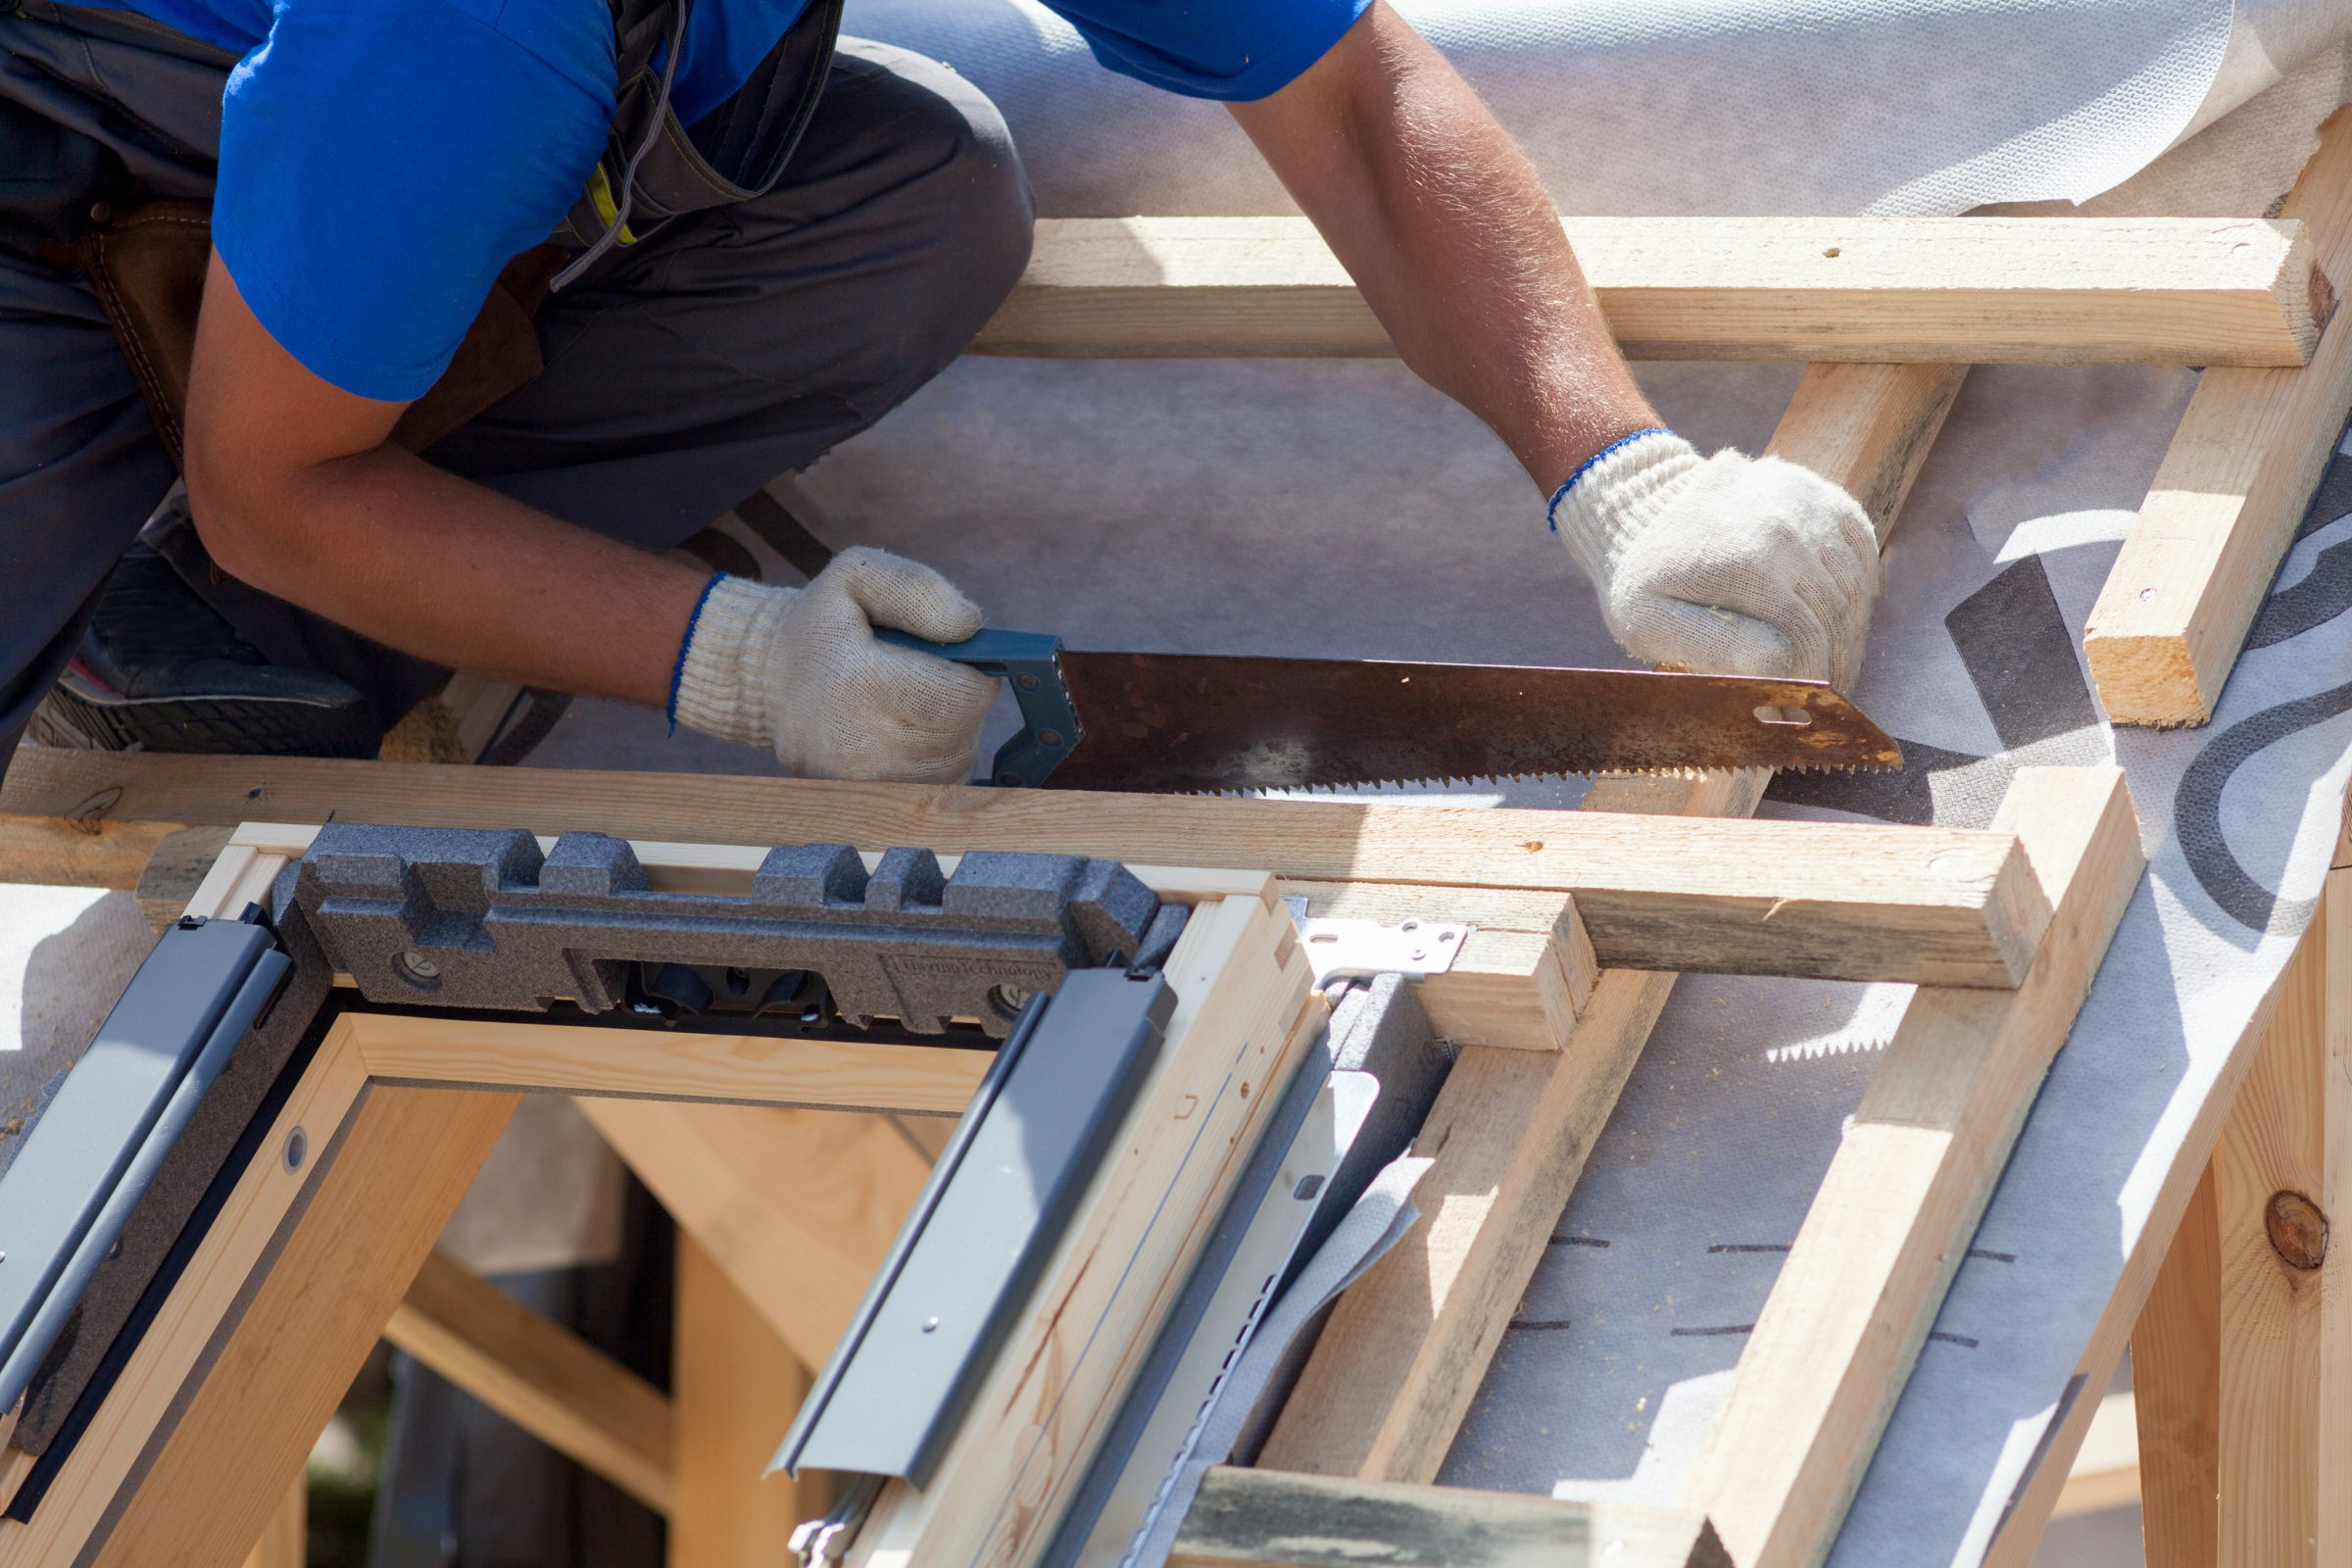 dak repareren dakraam installeren timmerman